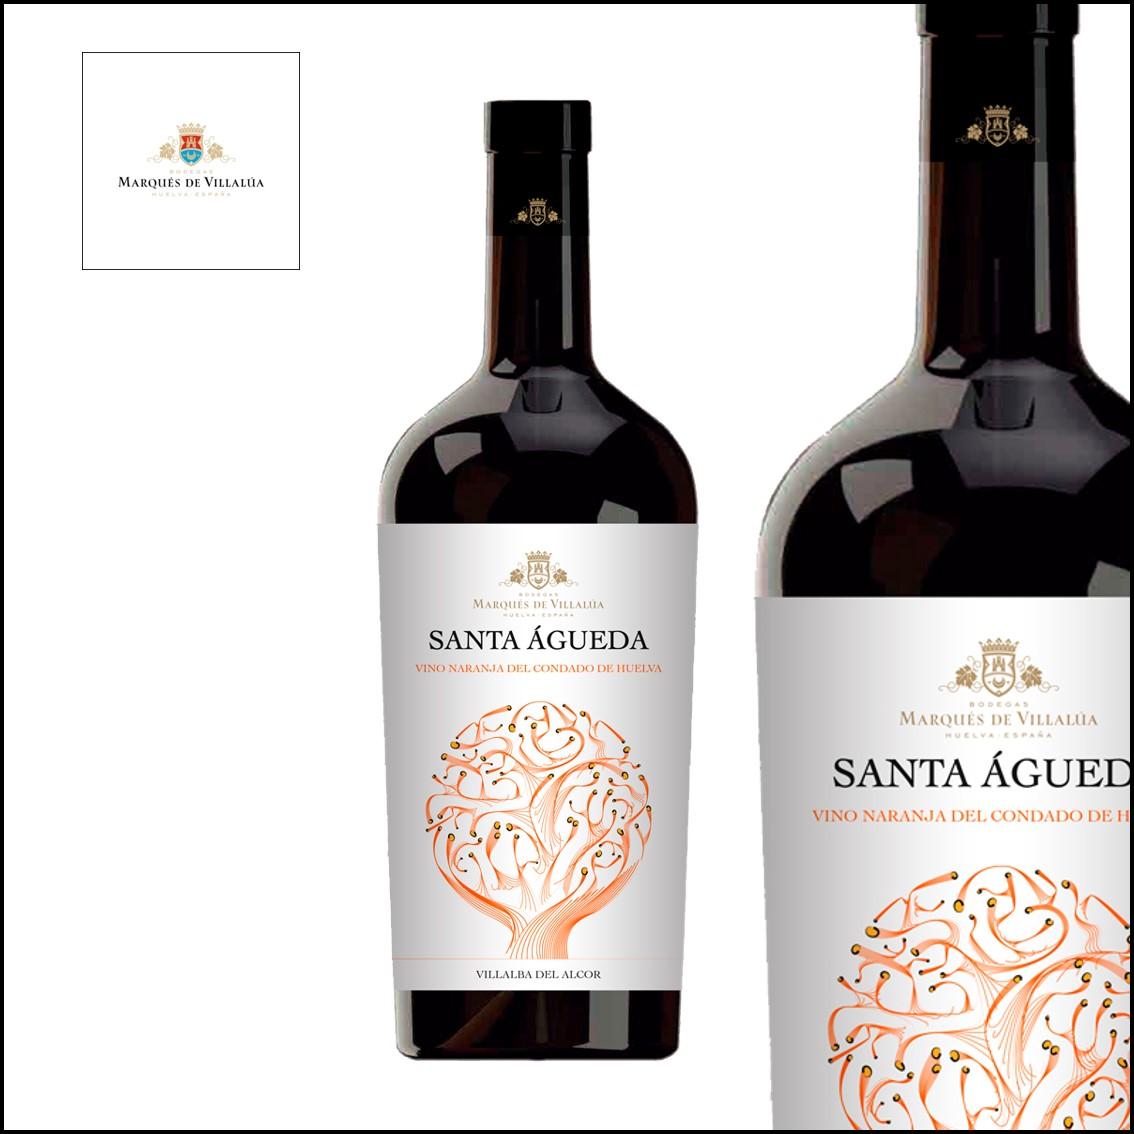 Marqués de Villalúa «Santa Águeda Vino de Naranja»